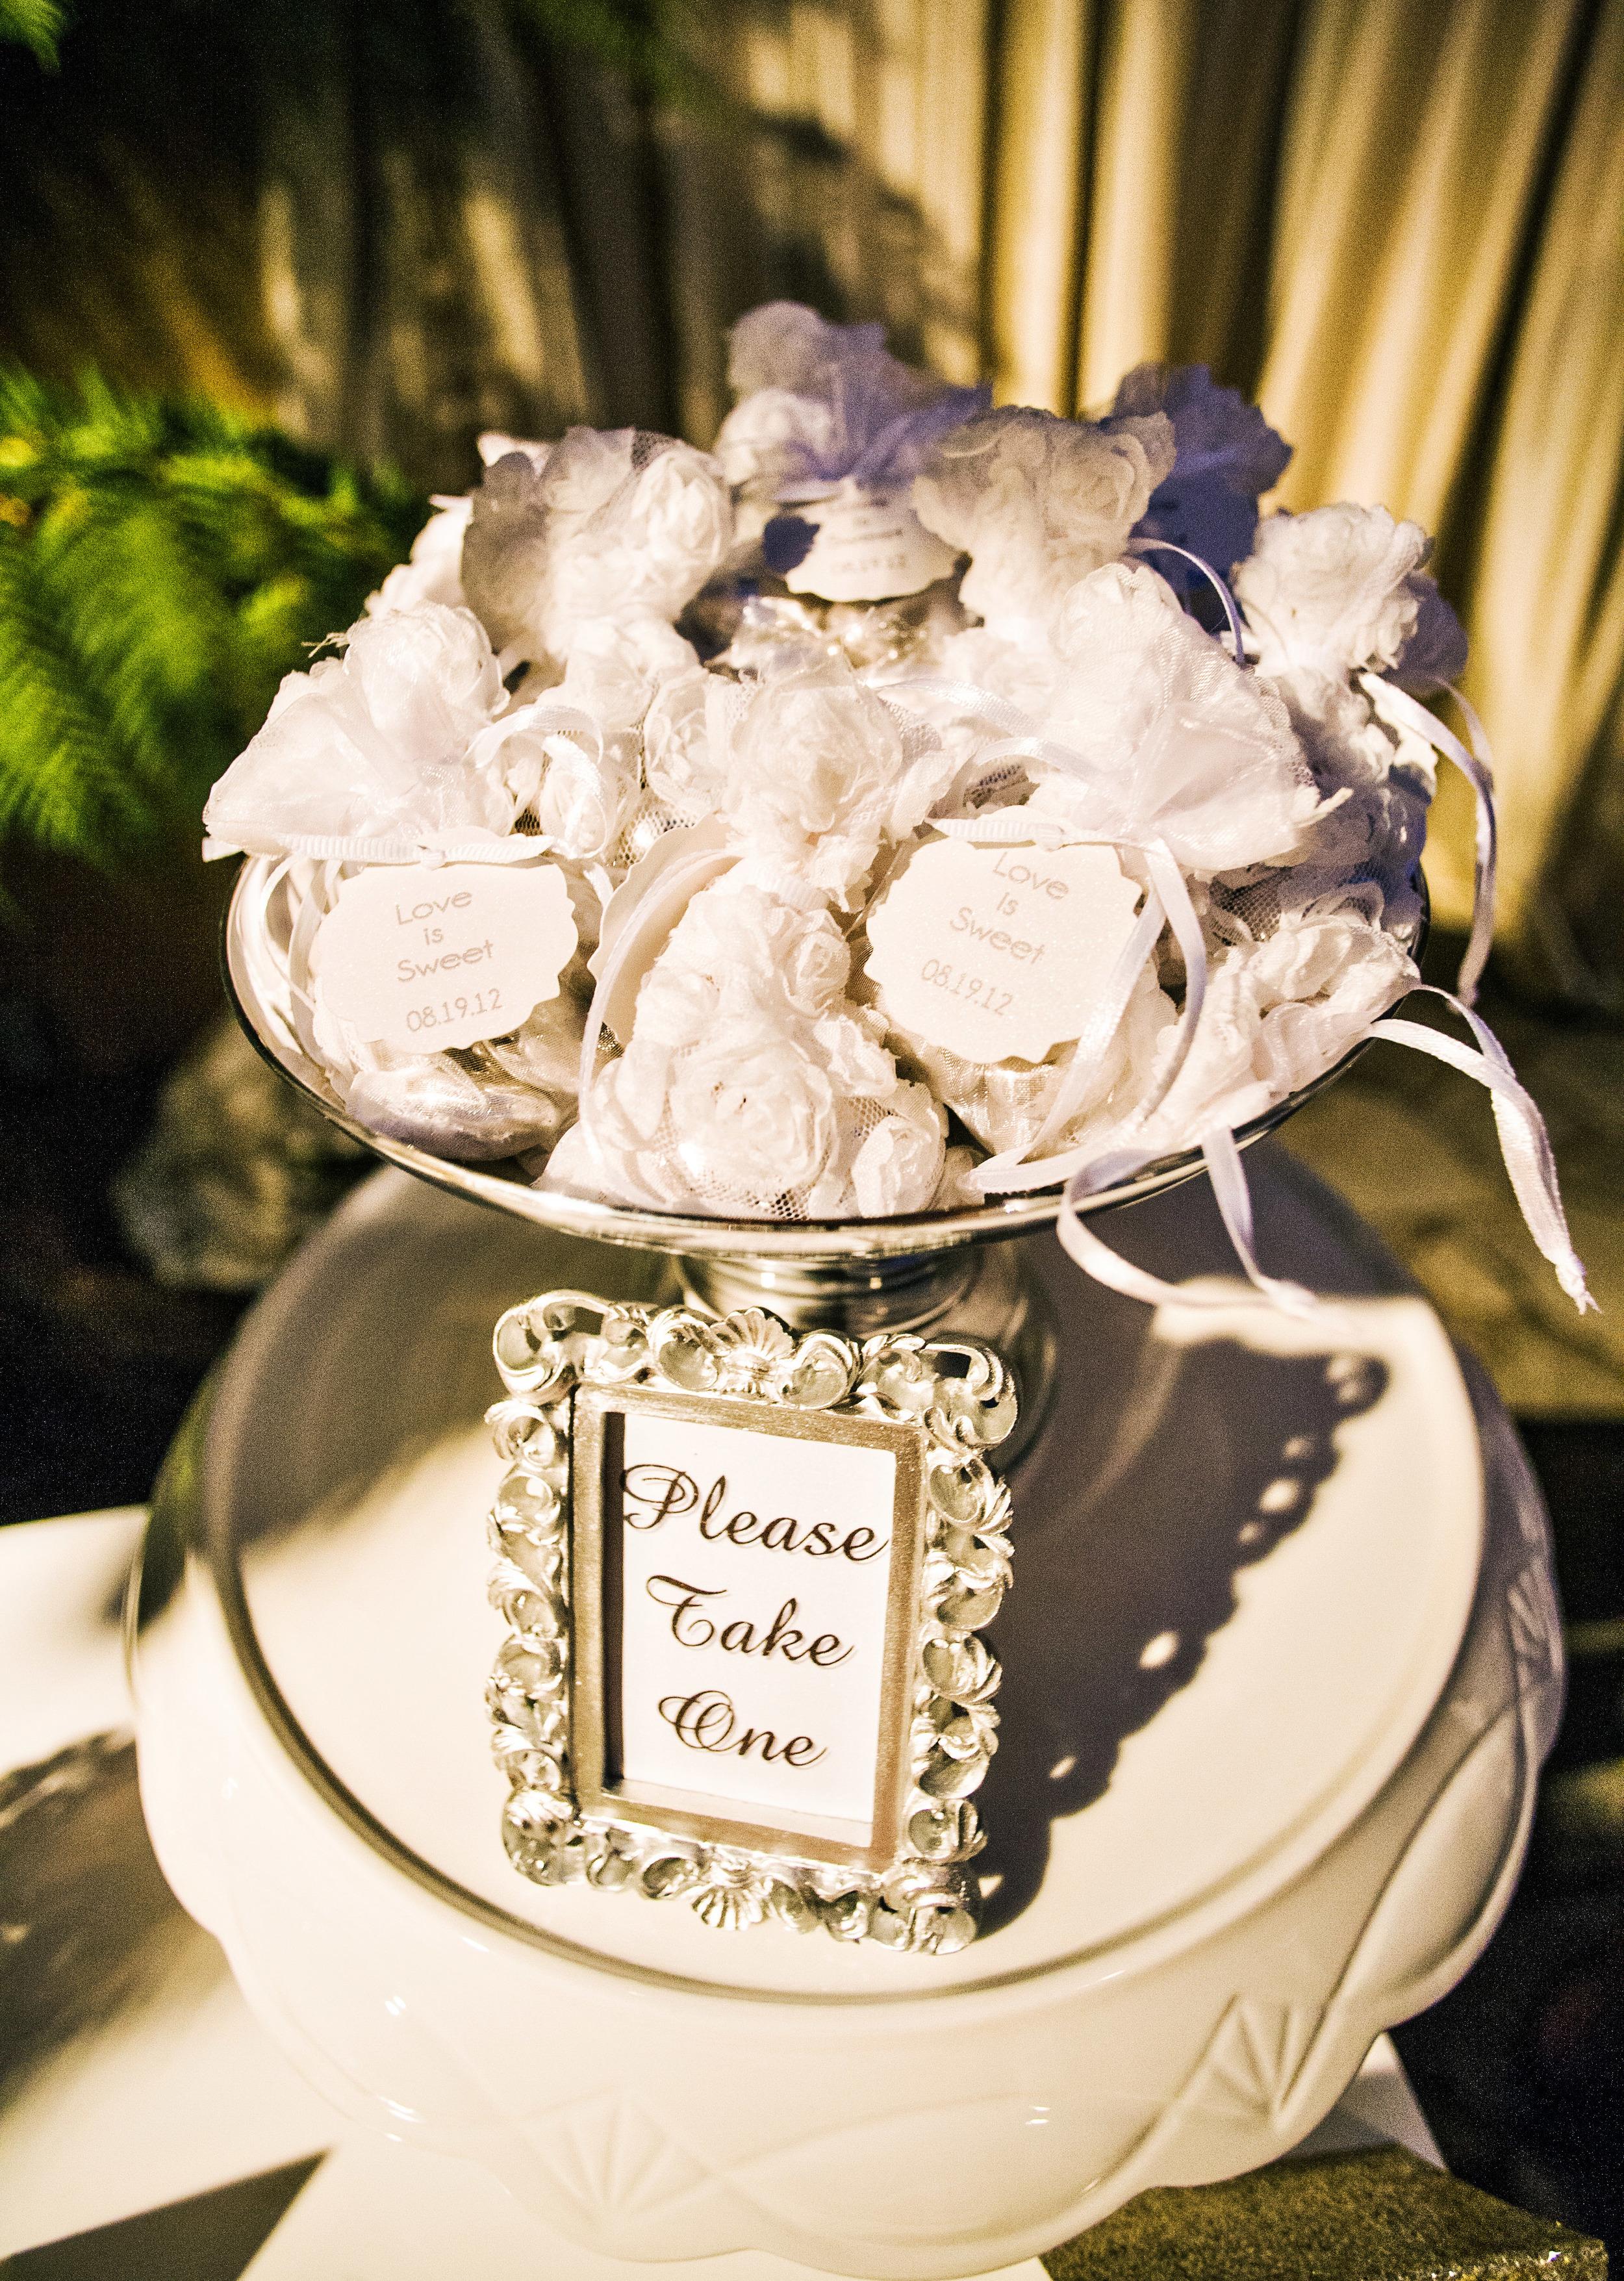 54. RS - silver dragee favors, wedding favors, modern dessert buffet, sparkle wedding, jordan almonds in mesh bags, summer wedding, romantic wedding.jpg